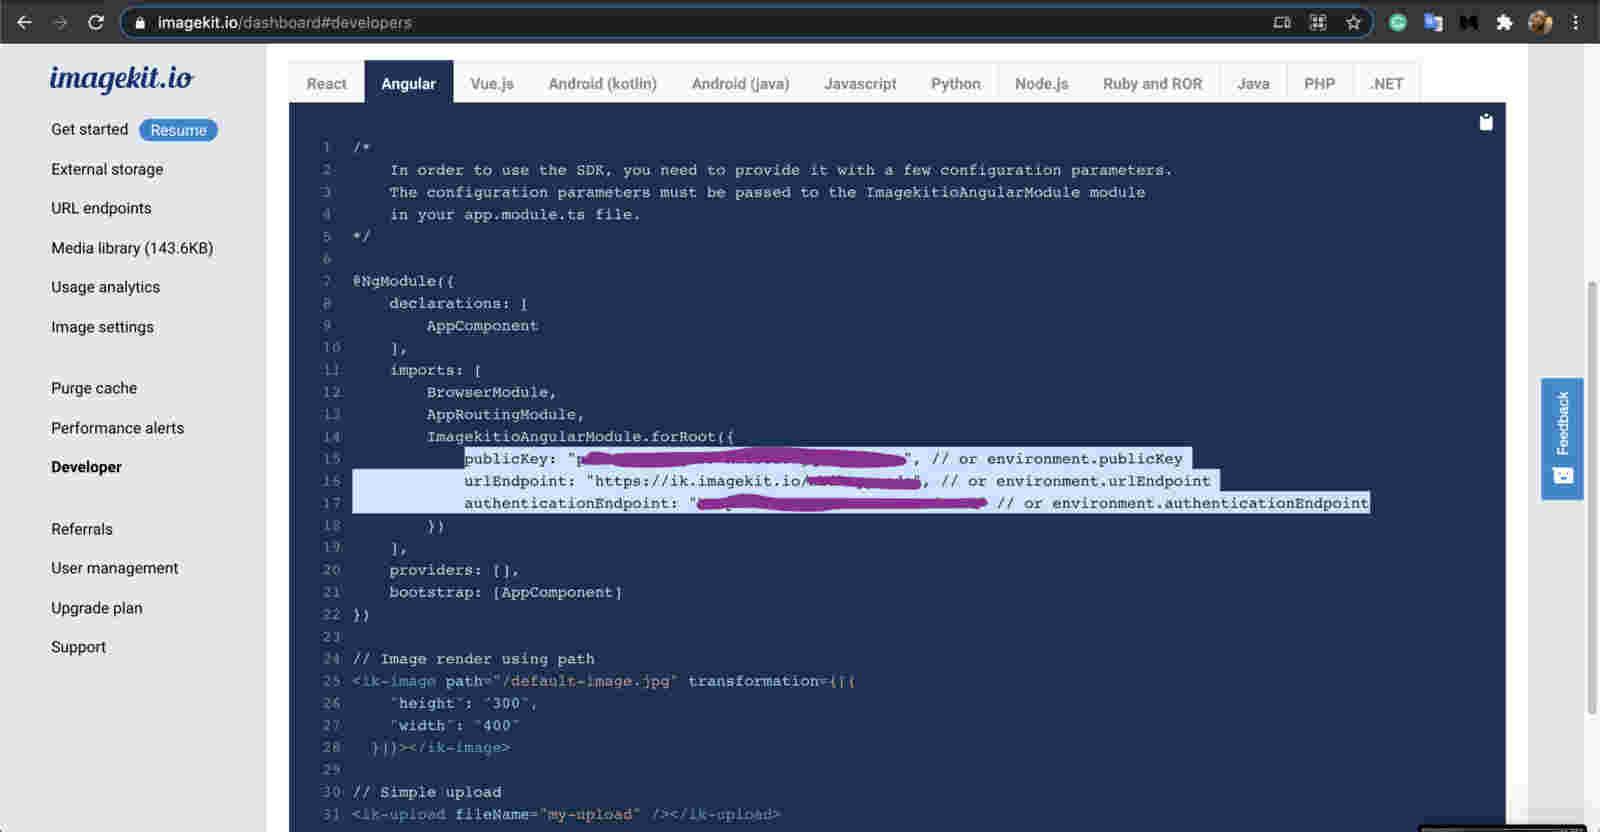 ImageKit Dashboard for developer